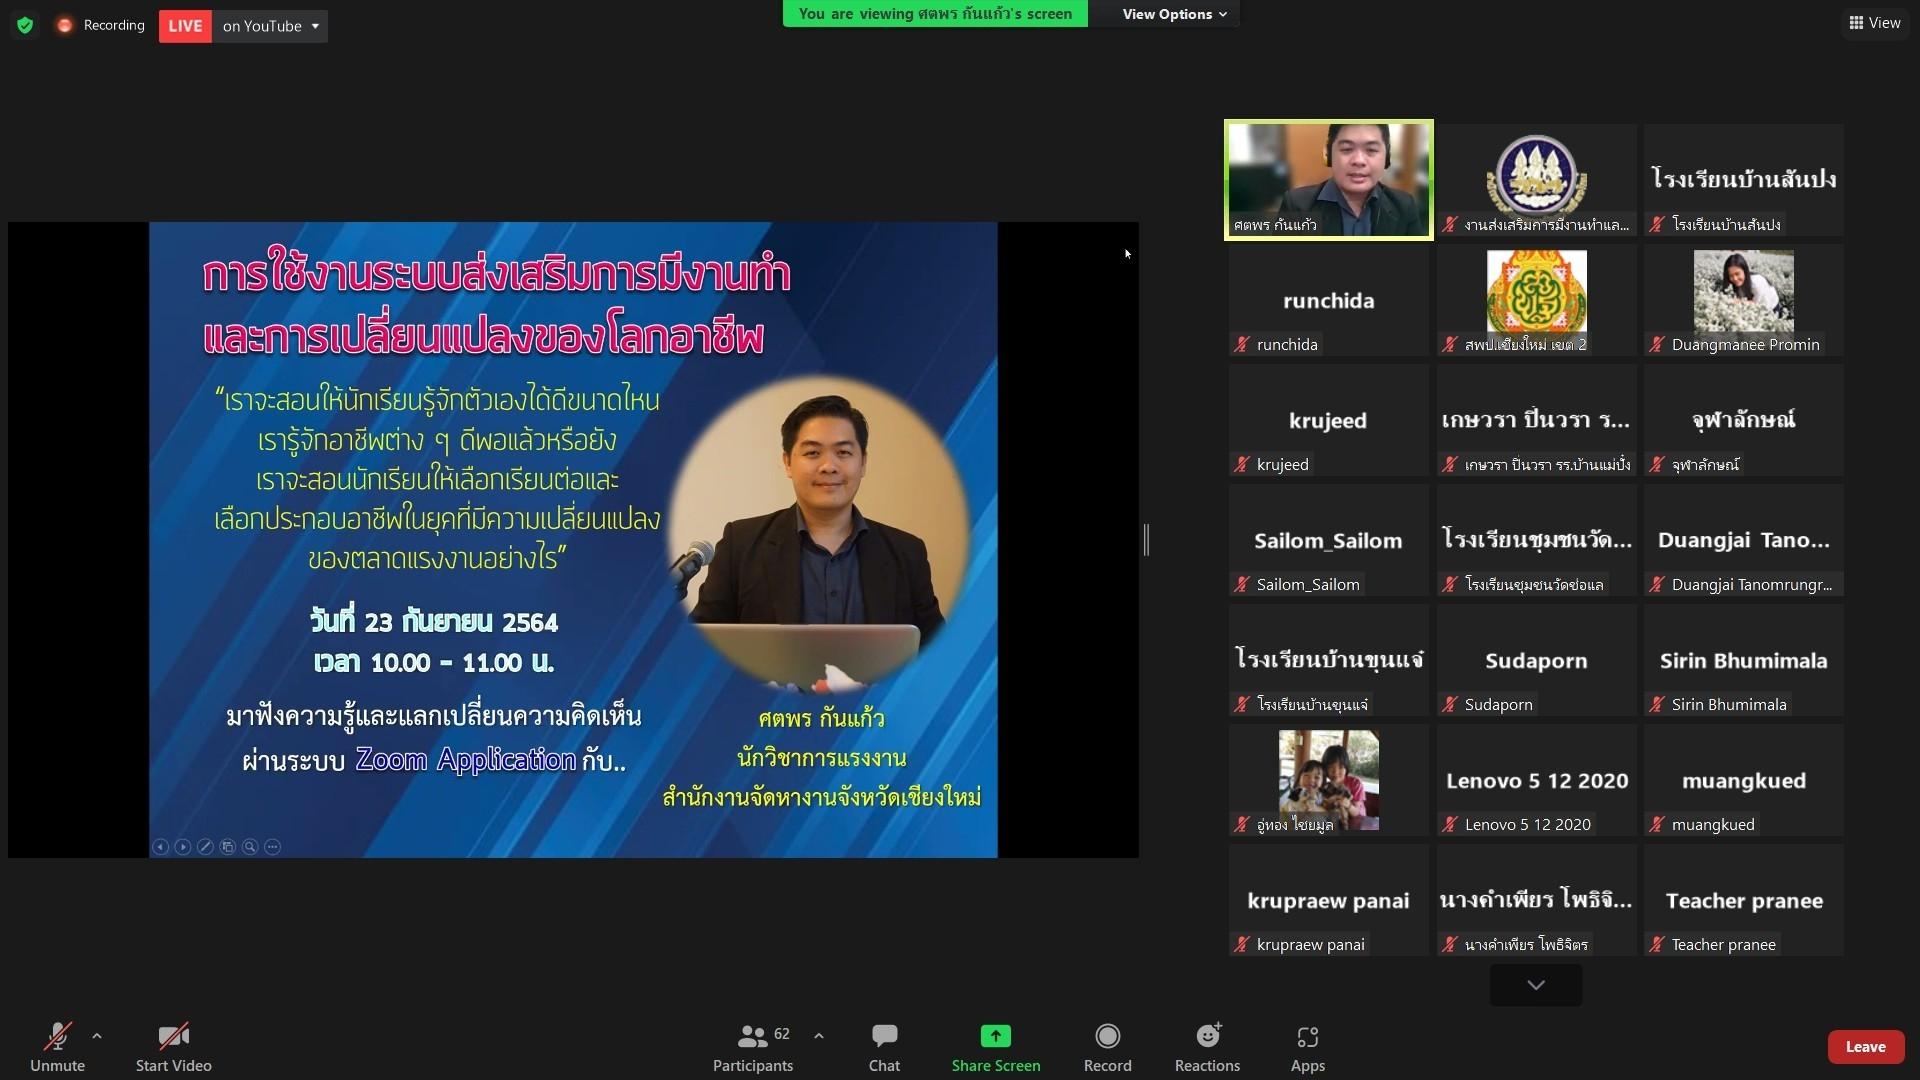 """ร่วมประชุม ในโครงการ """"คนเมือง 4.0 อนาคตการทำงานในเมืองหลักของประเทศไทย: จังหวัดเชียงใหม่"""" ครั้งที่ 2"""